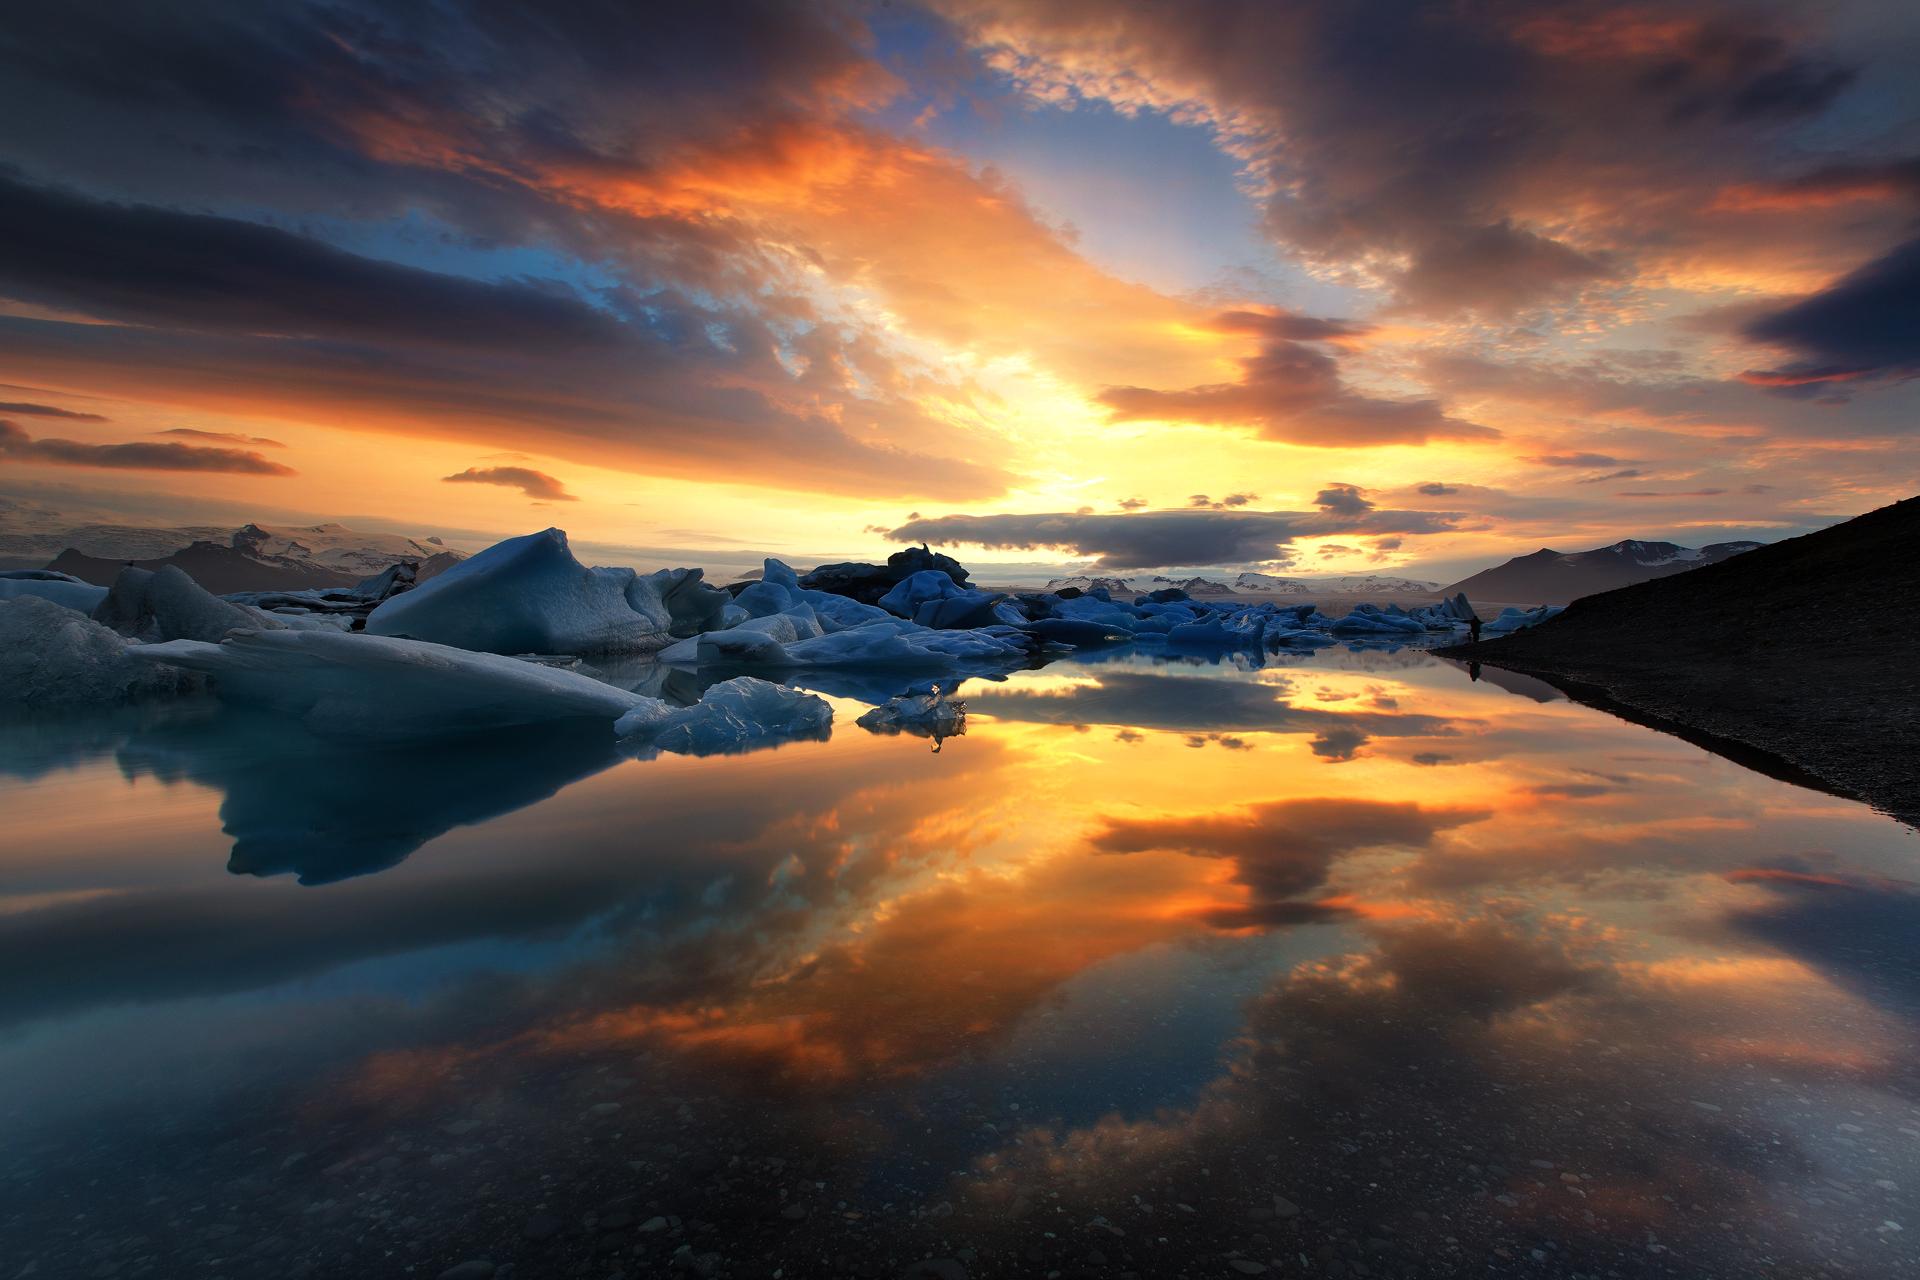 アイスランドで一番深い湖、ヨークルスアゥロゥン氷河湖で反射する夜明け